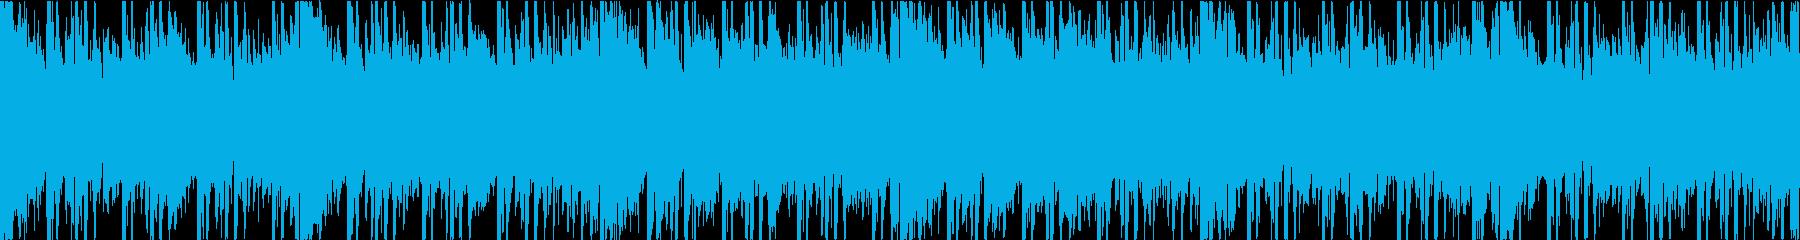 賑やかビッグビート・バラエティ ループの再生済みの波形